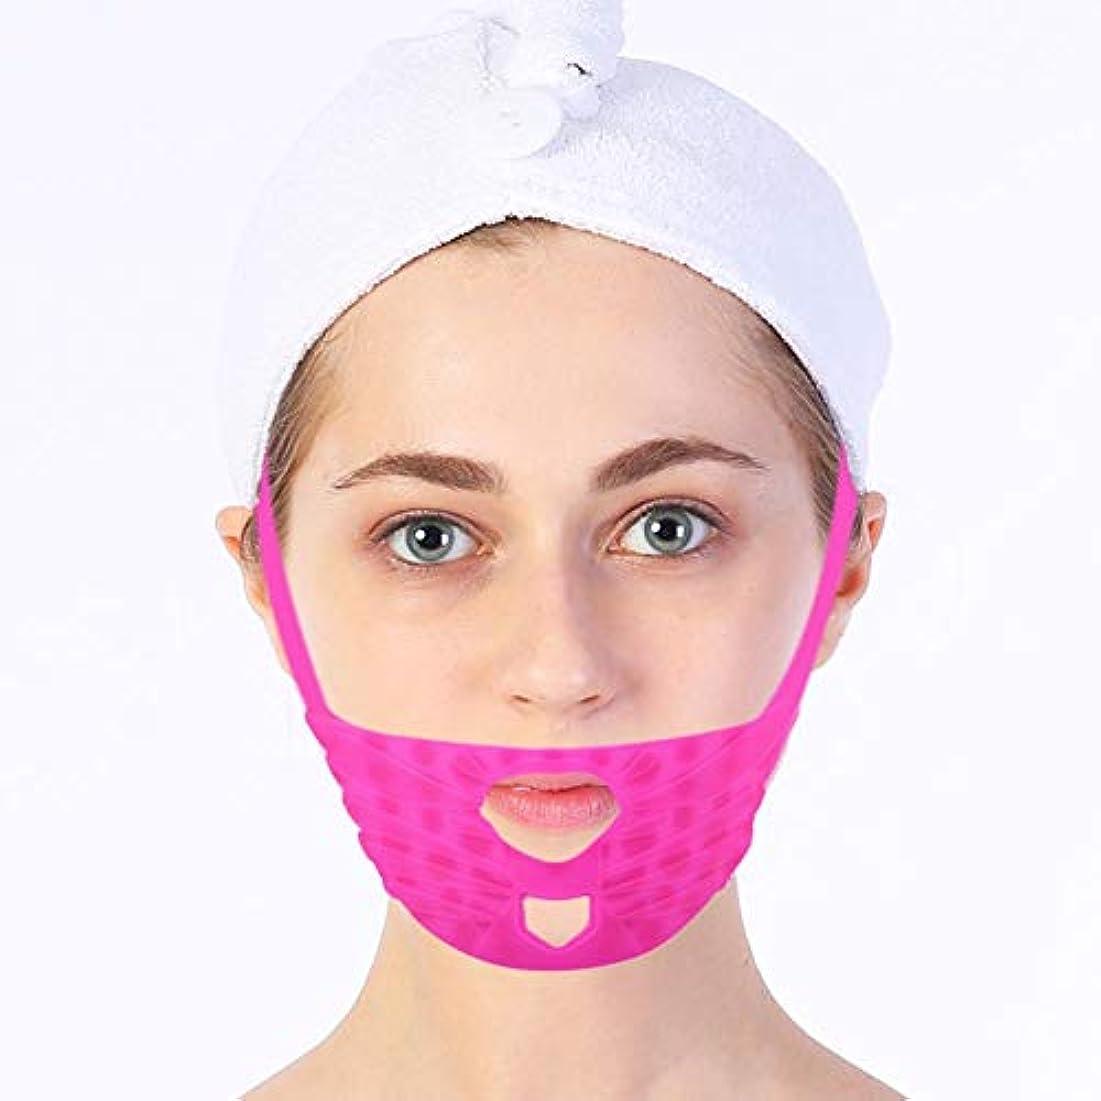 暫定別に海港Semmeフェイシャルリフティング引き締め痩身マスク、マッサージフェイスシリコン包帯Vラインマスク首の圧縮二重あご、変更ダブルチェーンマスク引き締まった肌を減らす